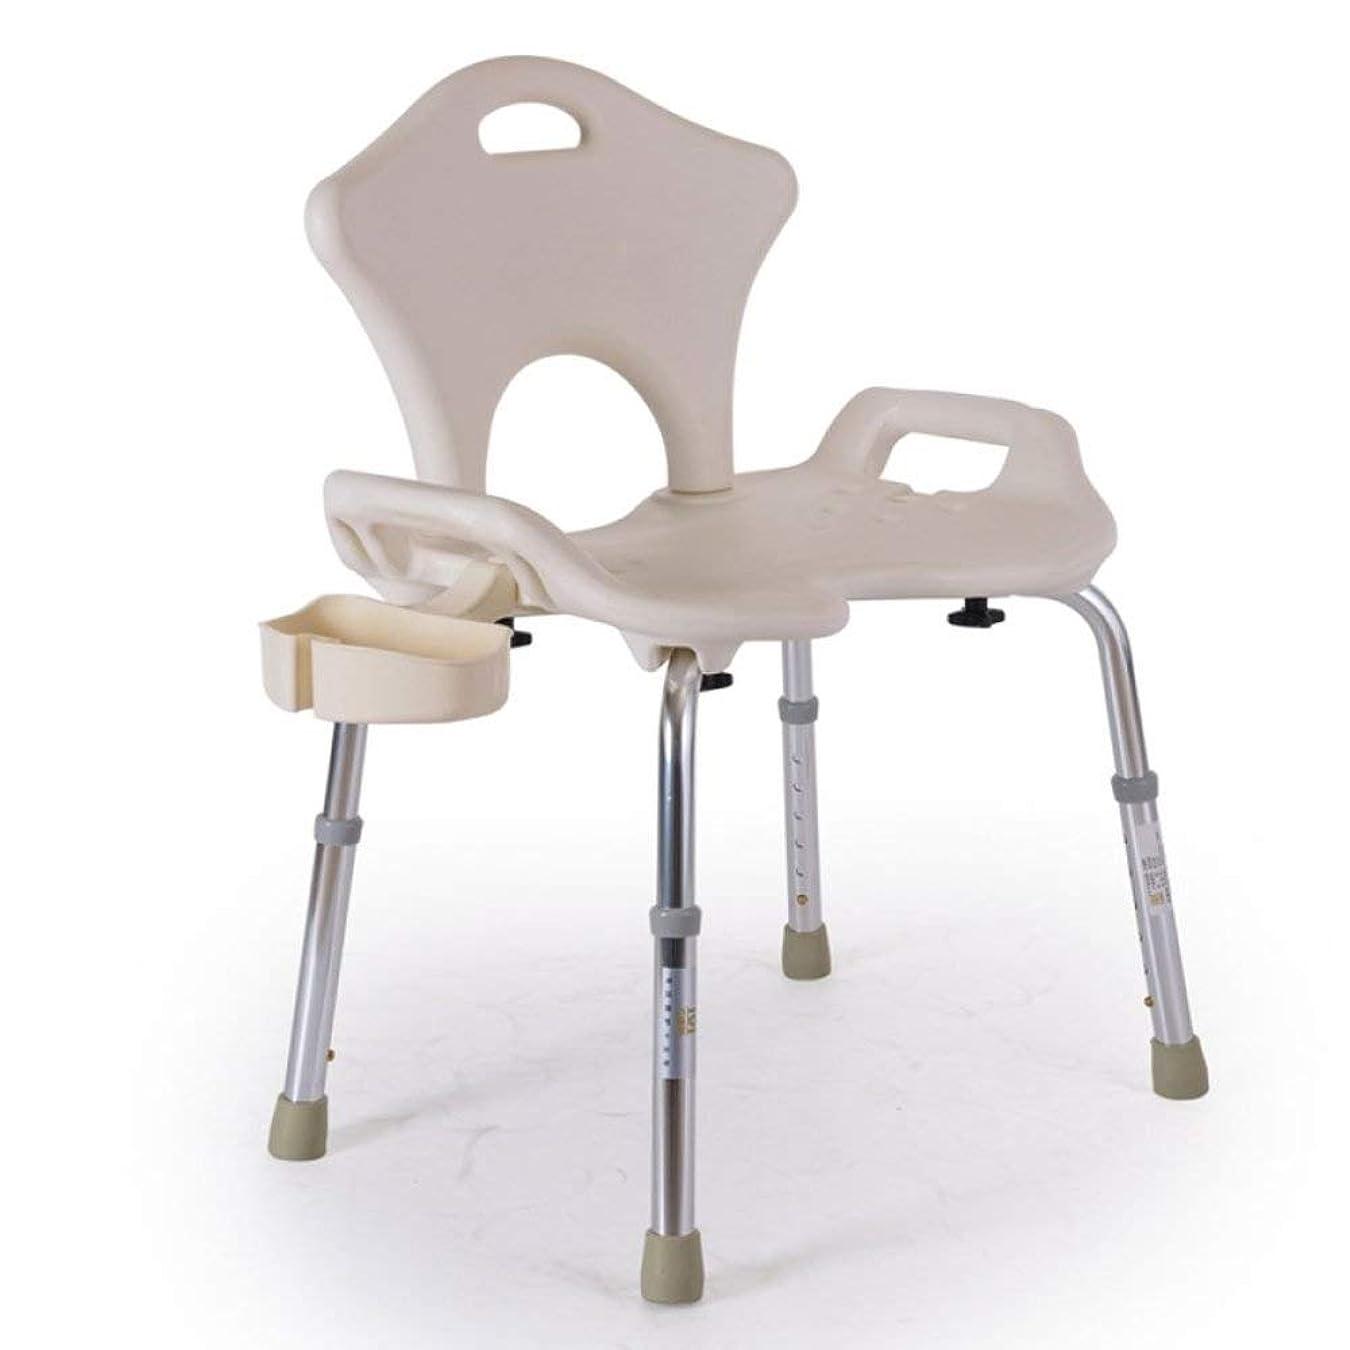 ペリスコープ選出する非難する浴室の椅子、アルミニウム合金の折り畳み式滑り止め風呂椅子